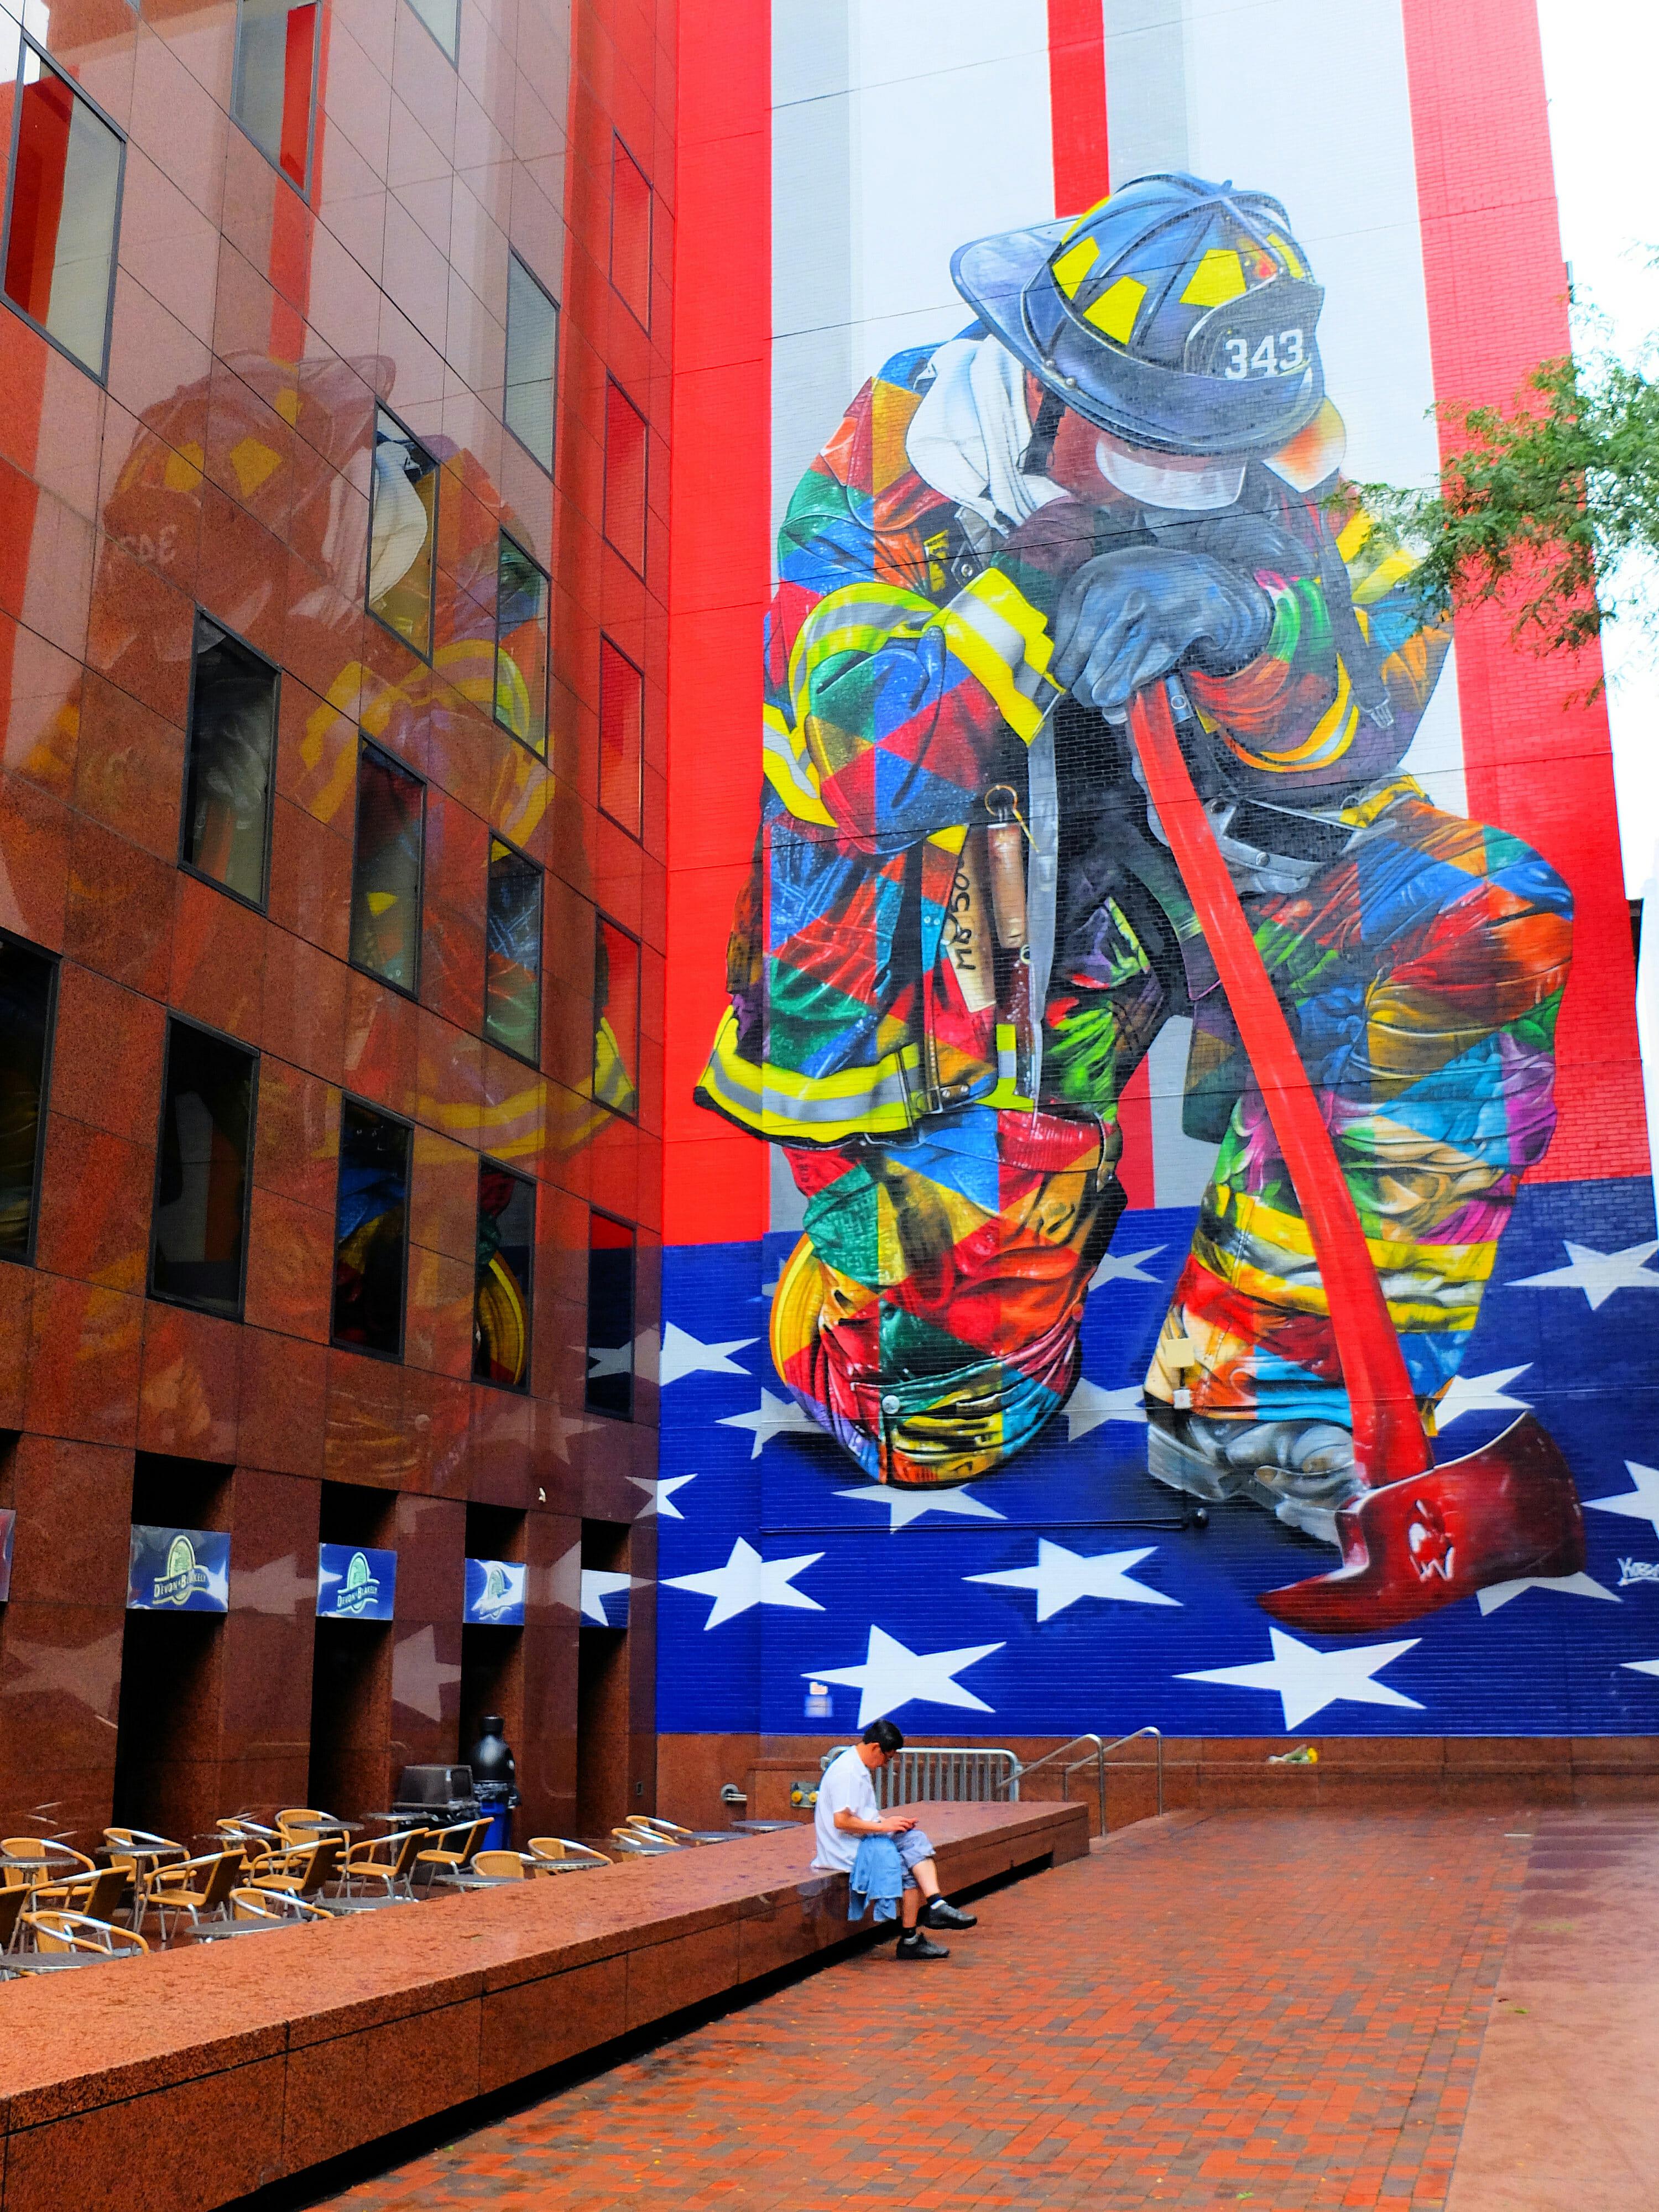 Firefighter Street Art by Eduardo Kobra in New York High Quality Wallpaper